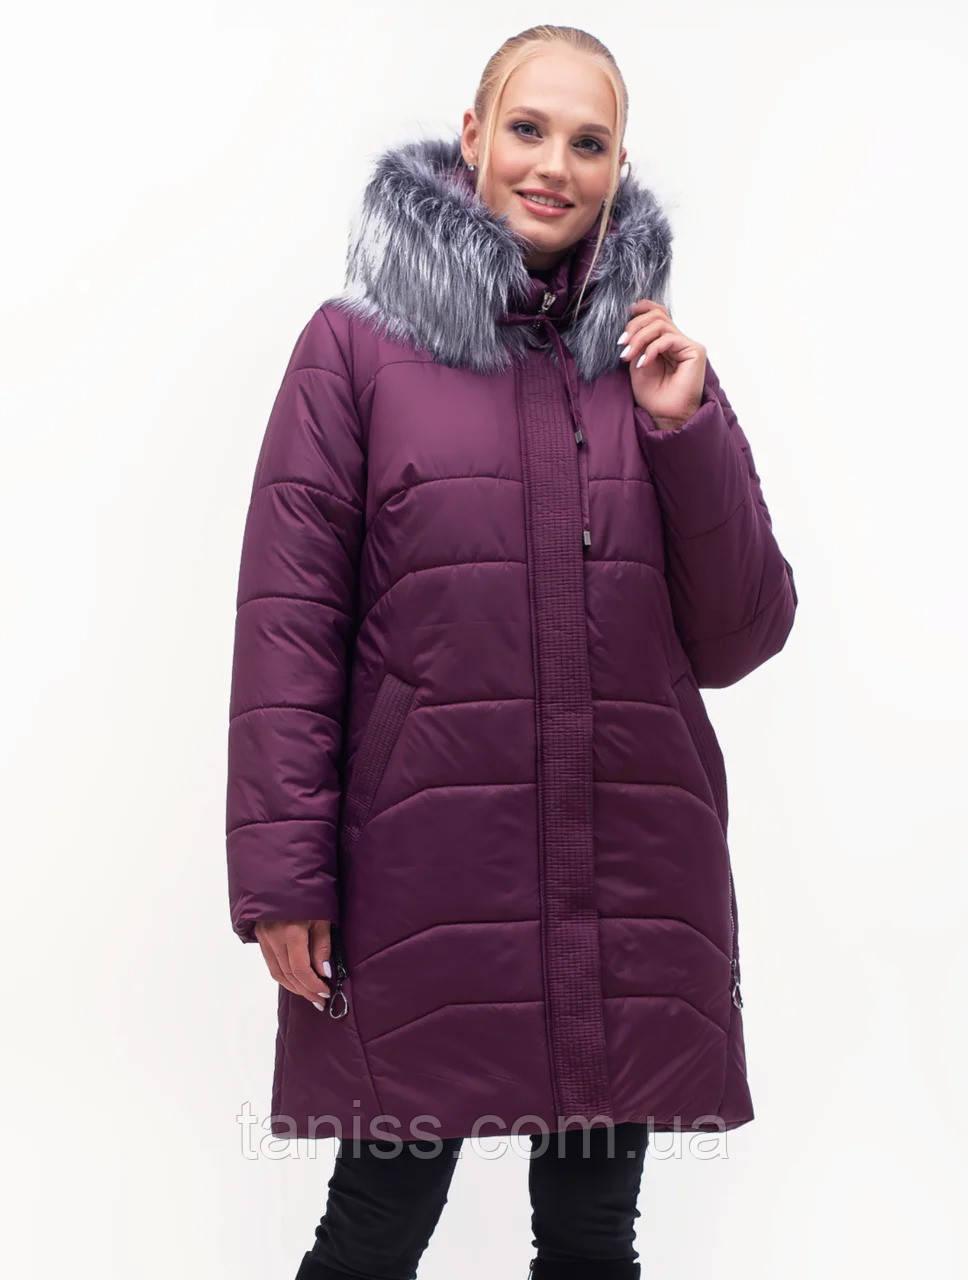 Жіночий зимовий пуховик великого розміру, знімний капюшон, р-ри з 54 по 70, марсал хутро (154)